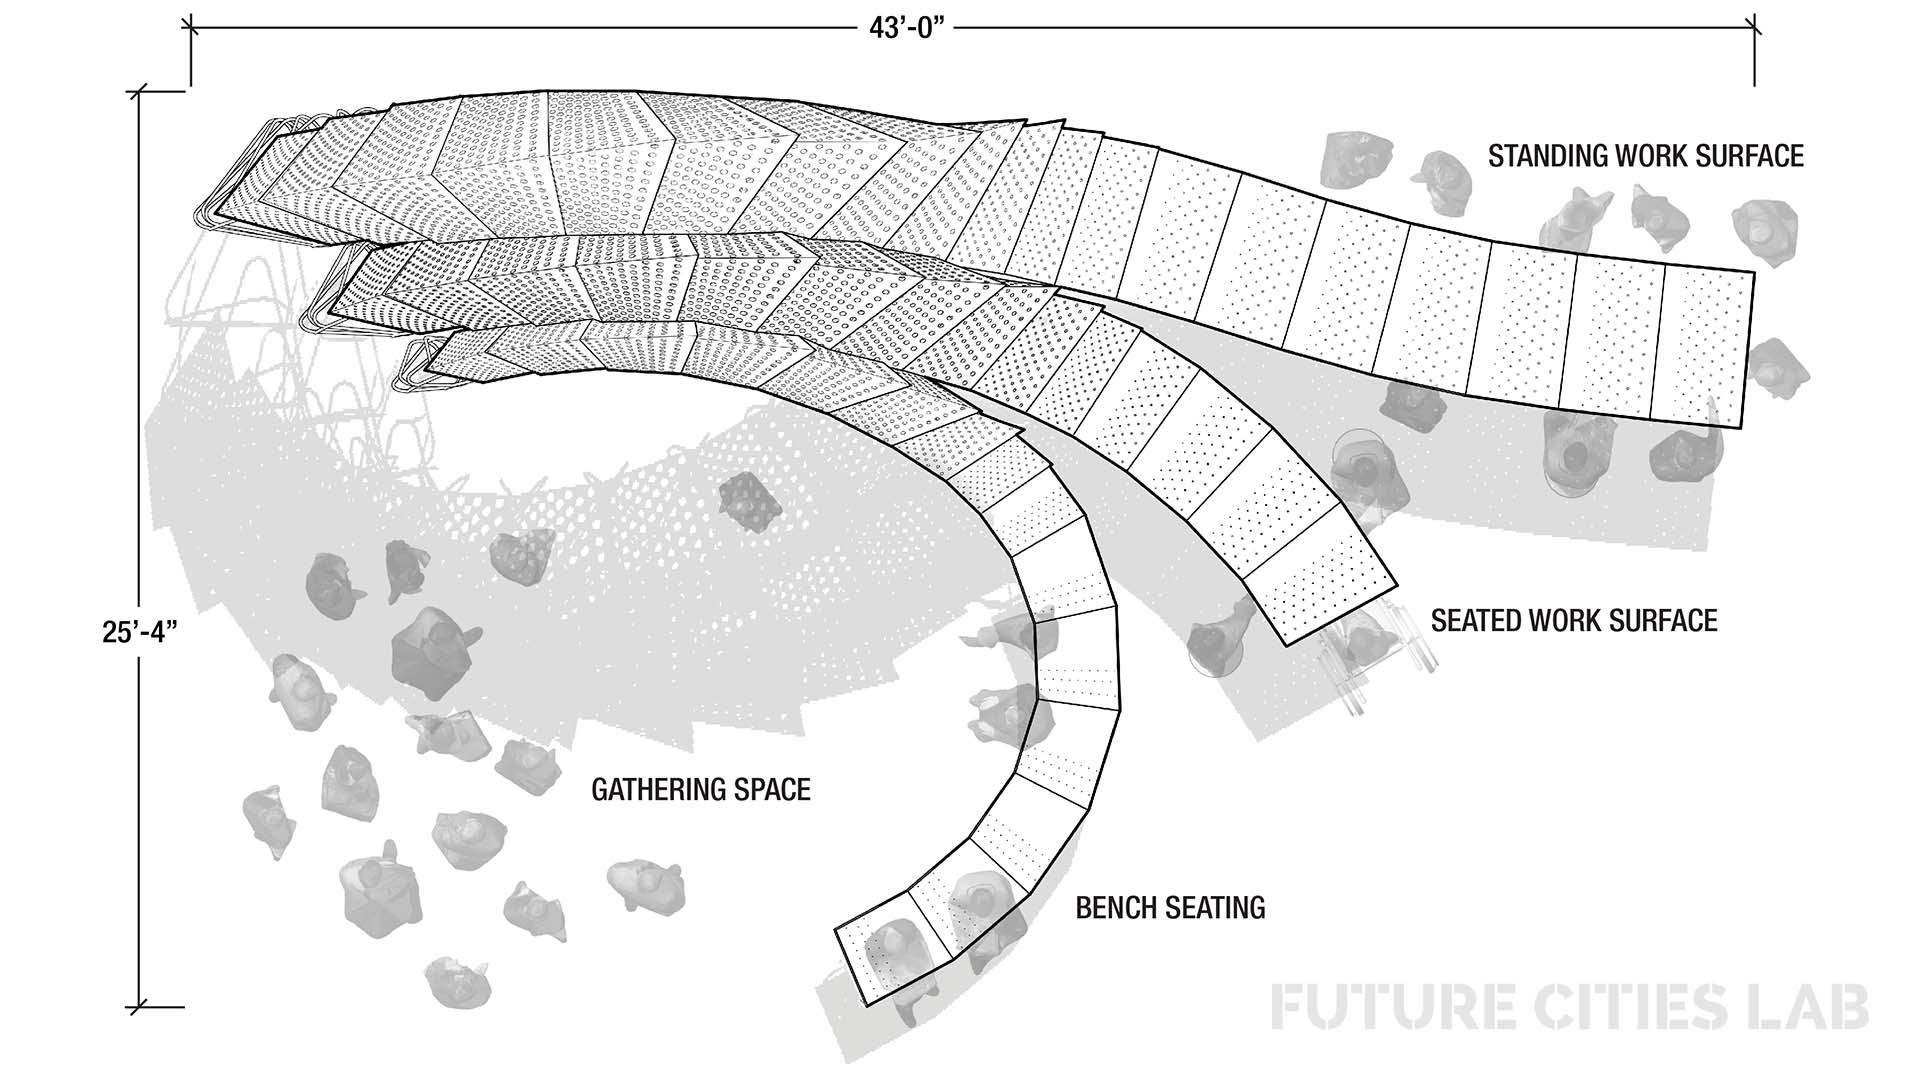 Strataform_Plan_FutureCitiesLab